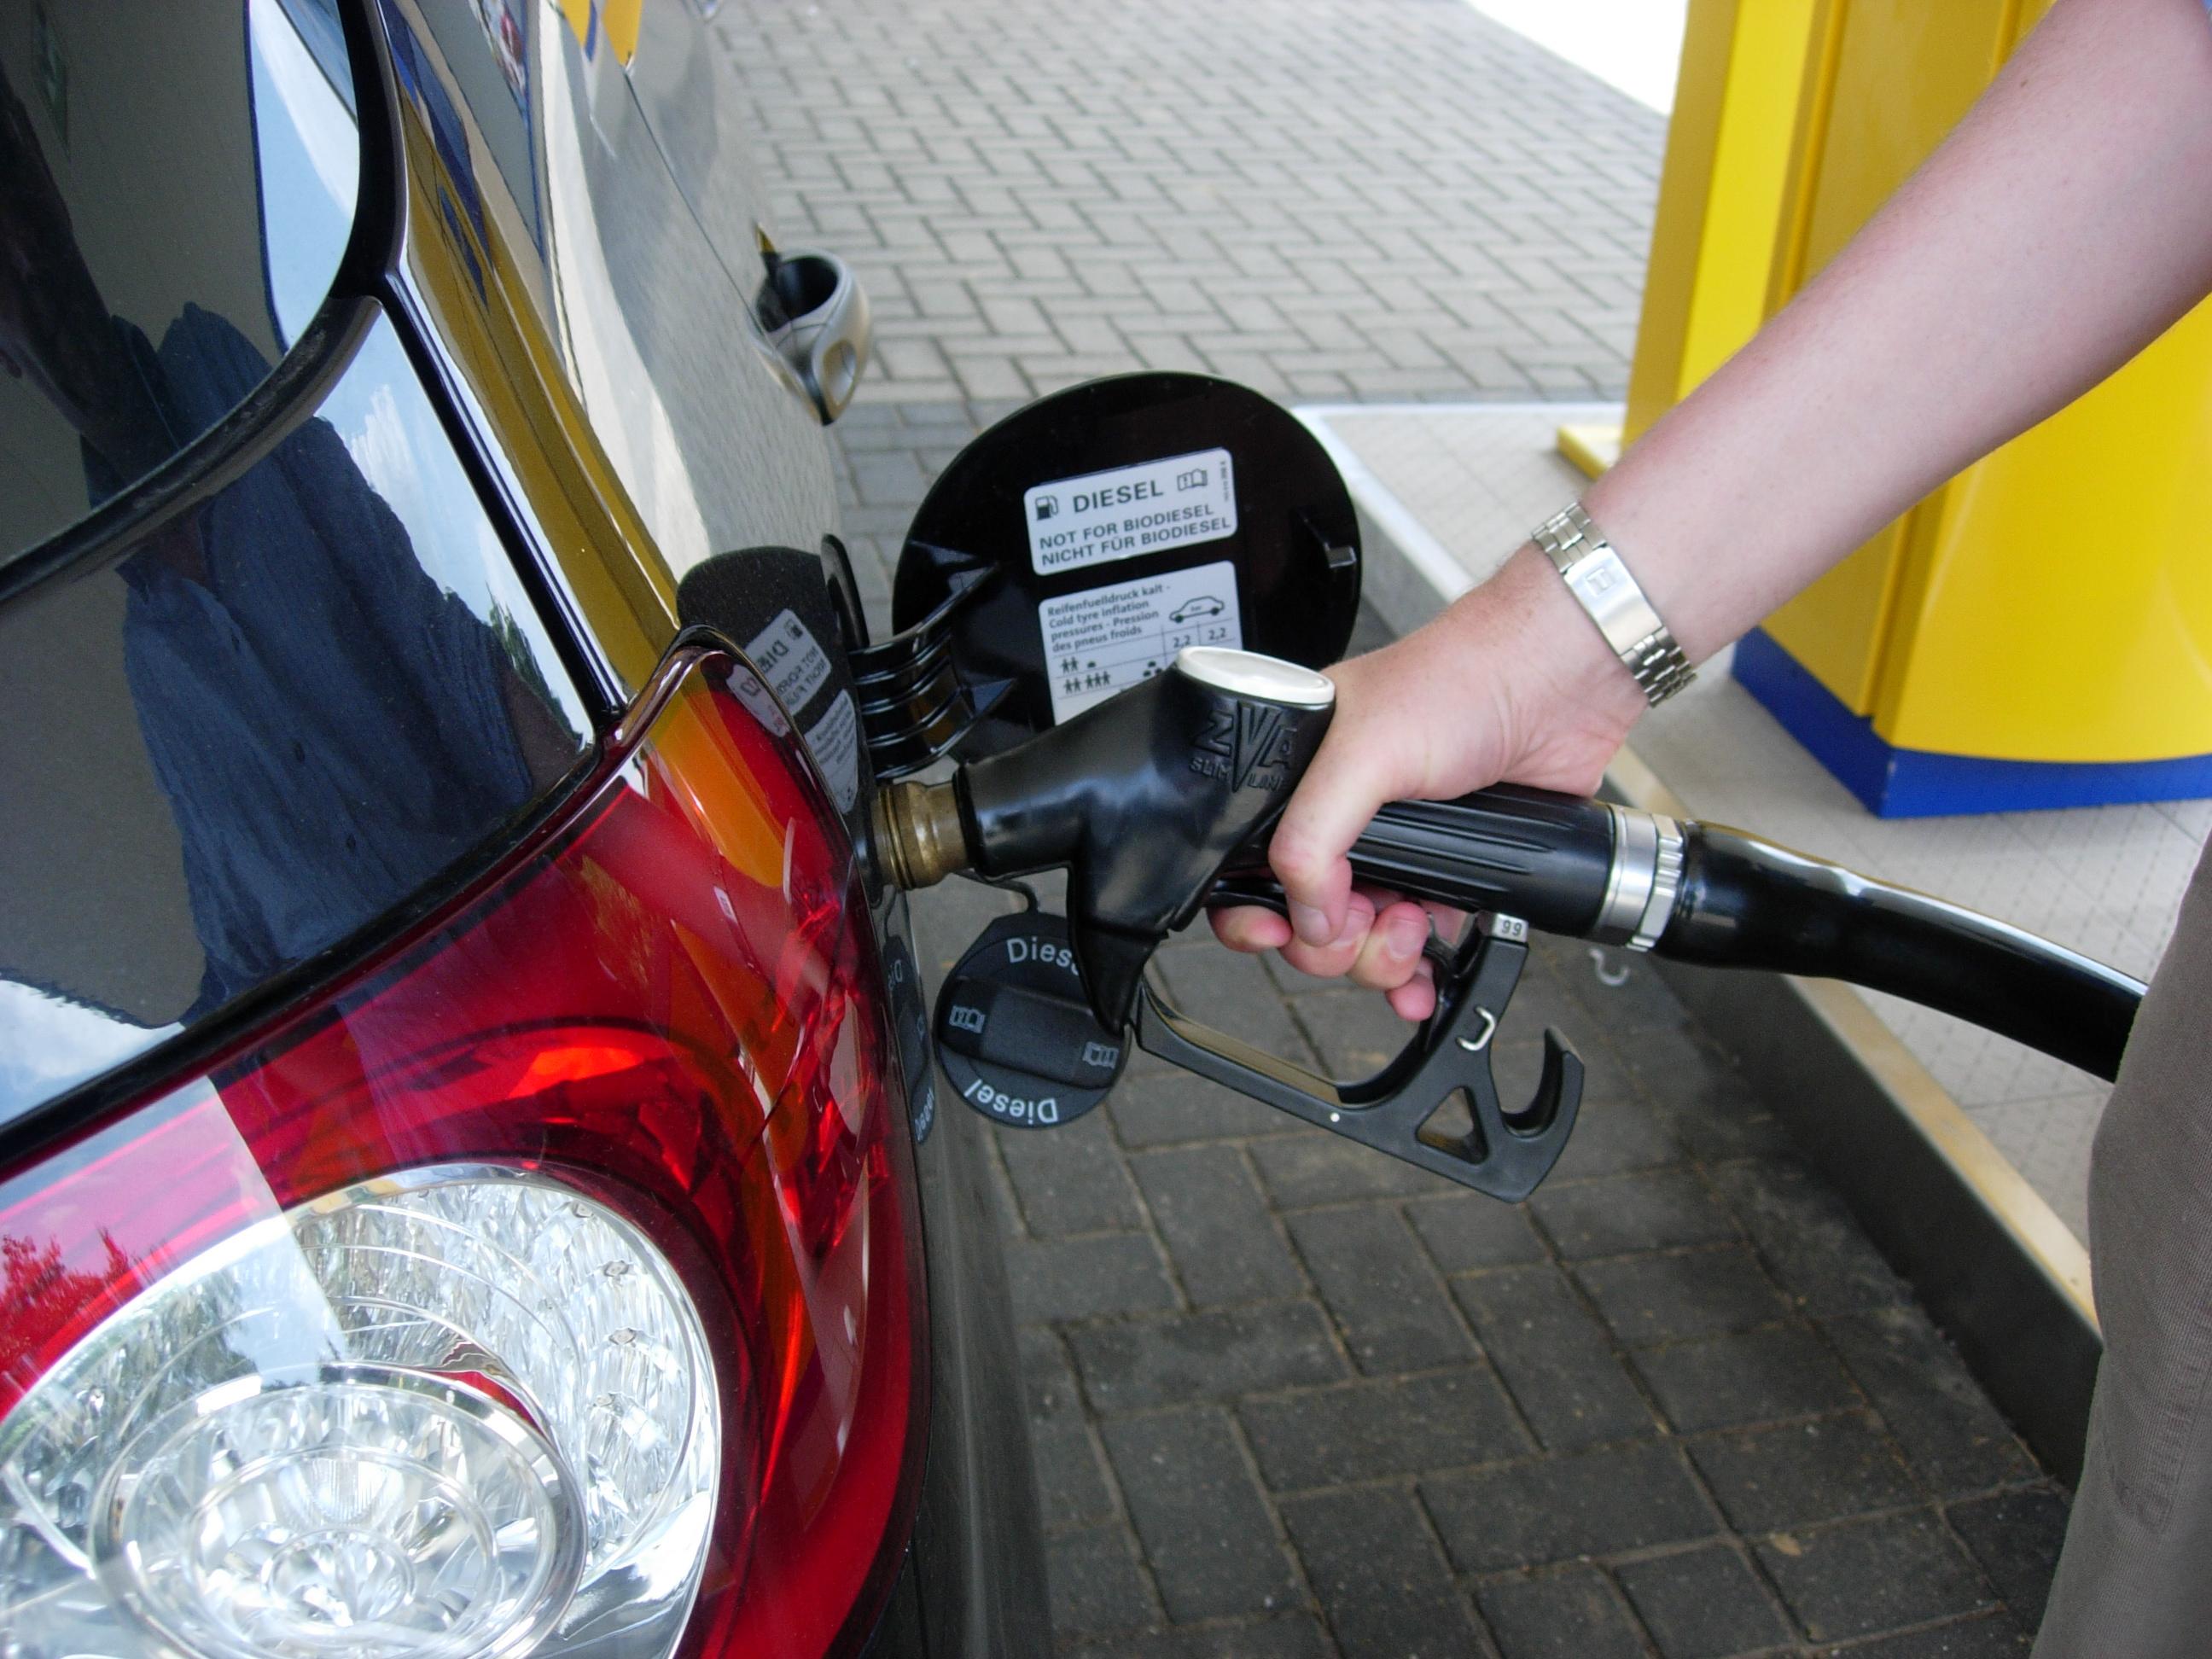 Der Brennstoffverbrauch lend kruser prado 2.7 Liter das Benzin auf 100 km